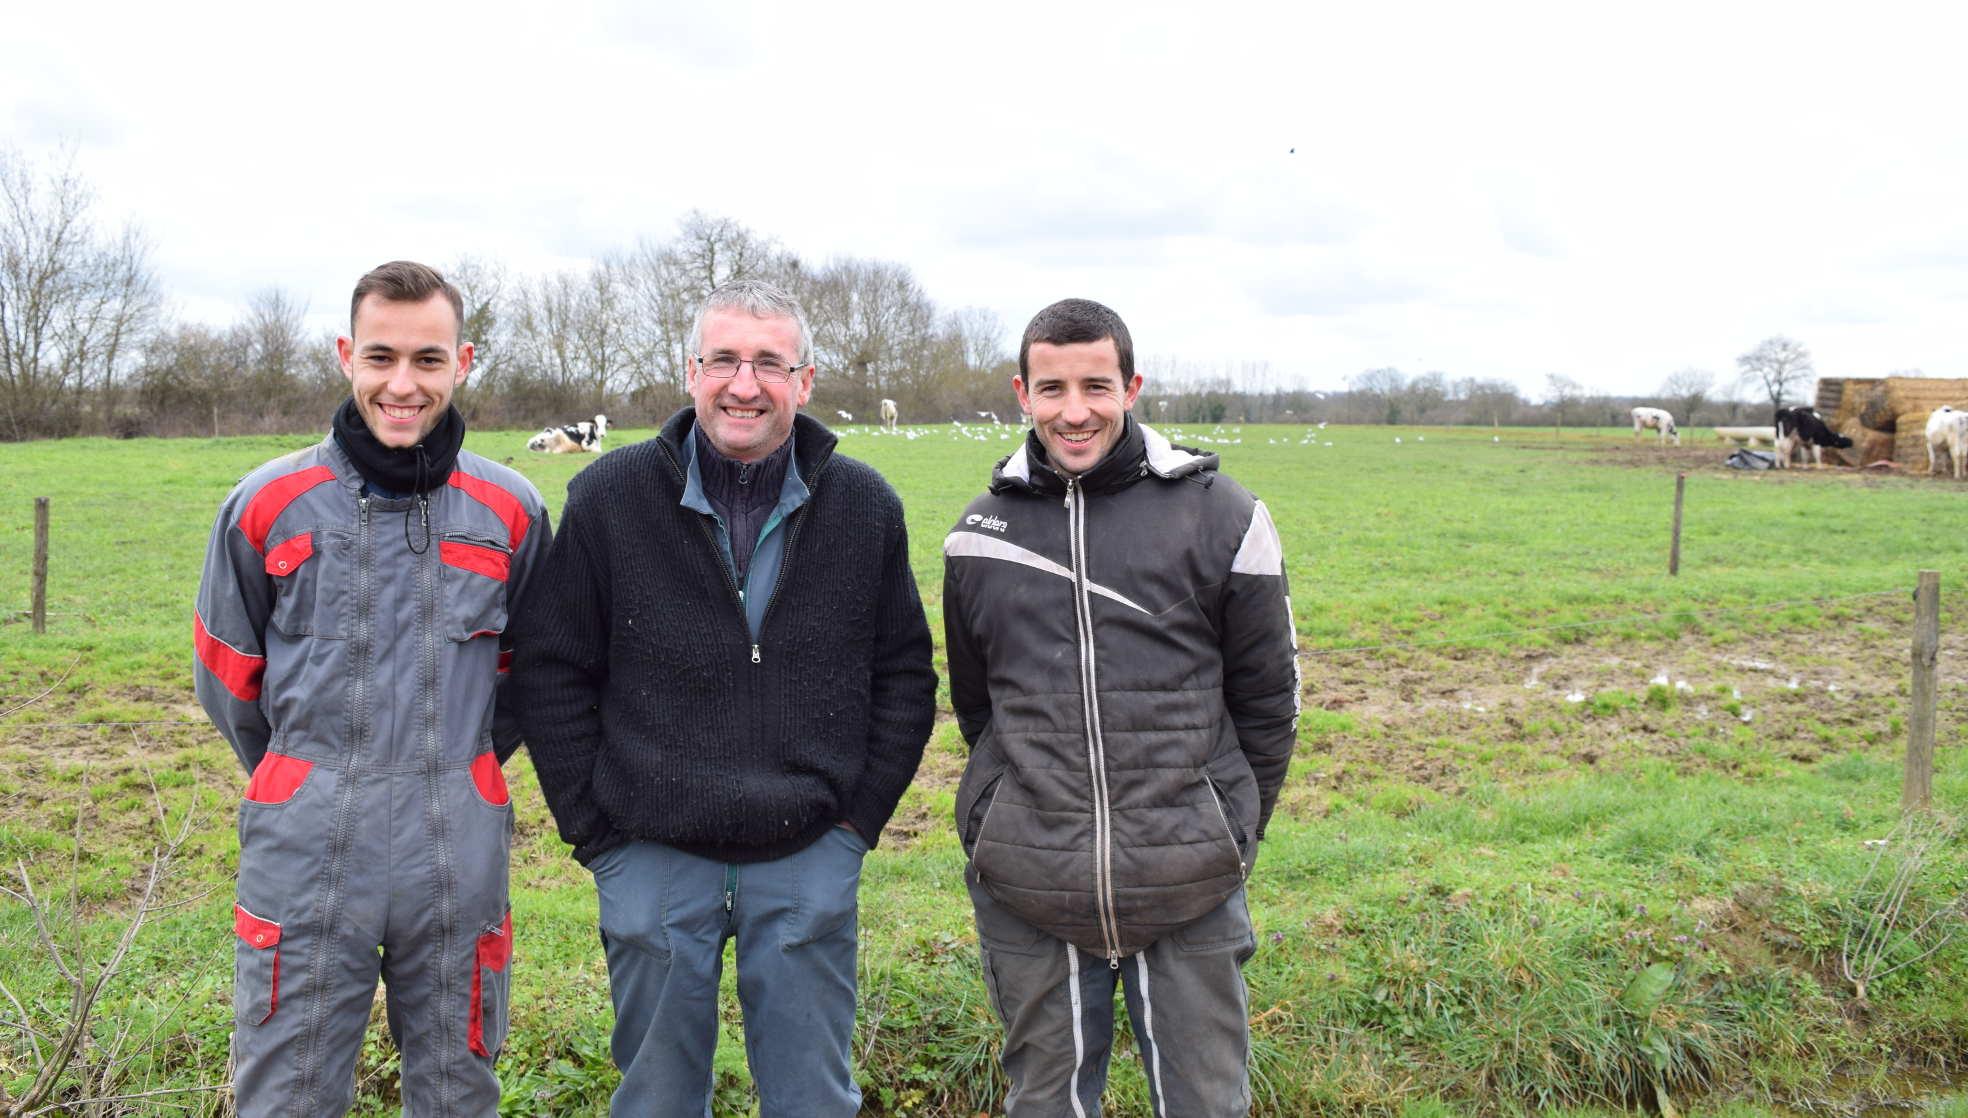 GAEC Fioleau: Unha gandaría francesa que aumentou a rendibilidade pasándose a pastoreo